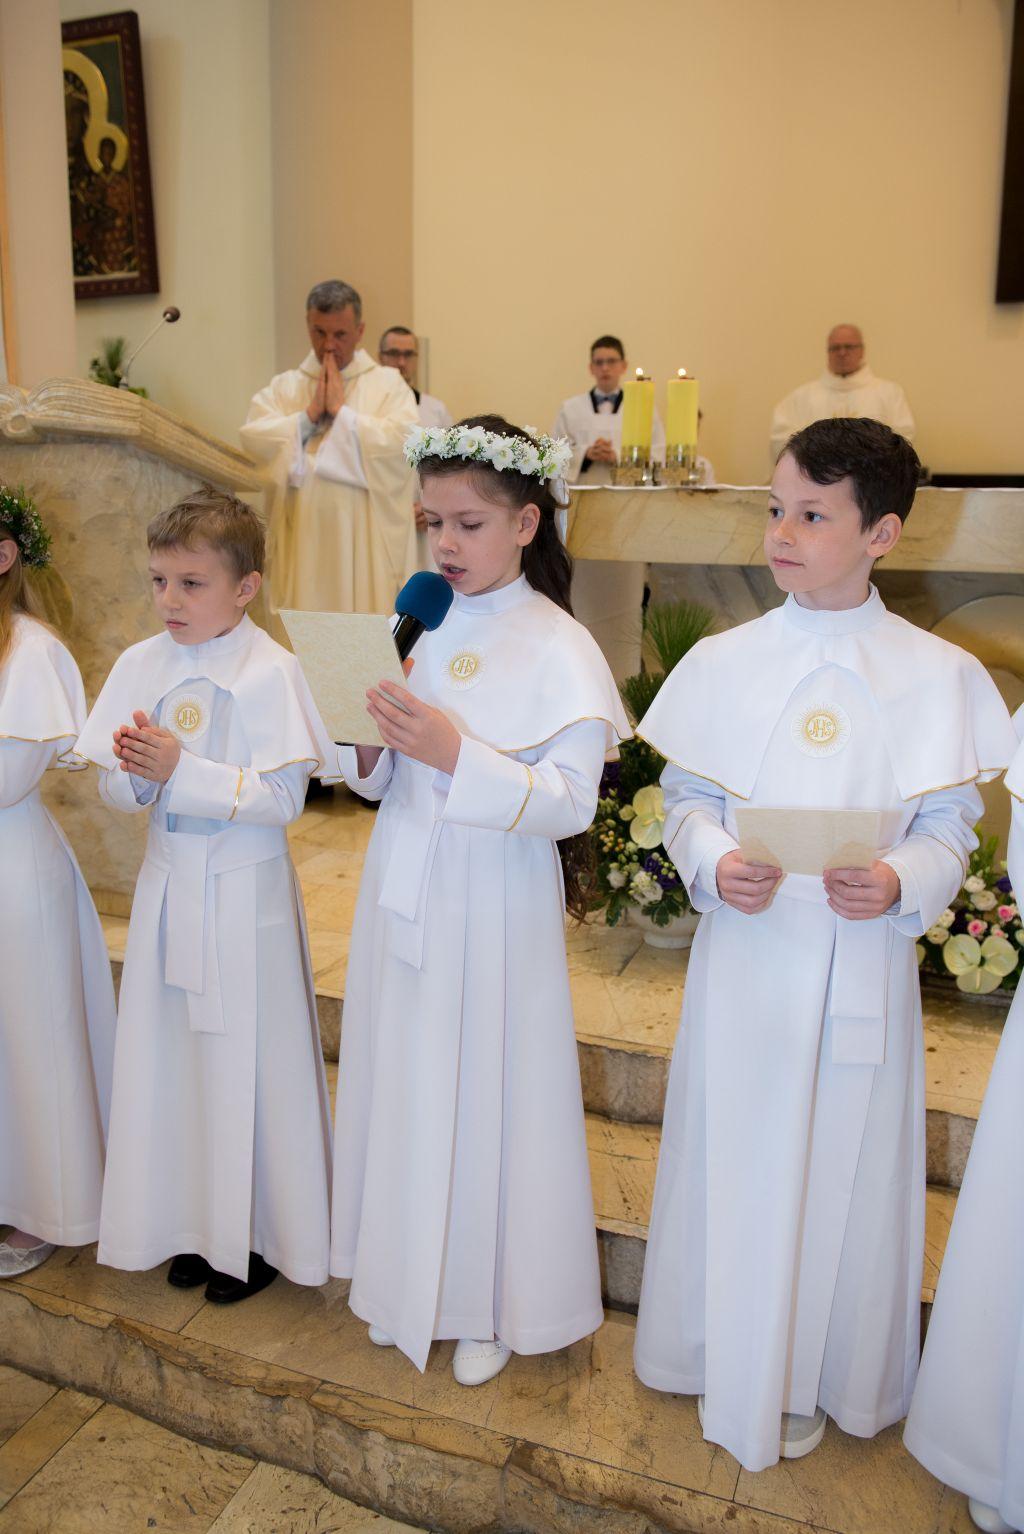 cee4cafbc9 parafia Sw. Szczepan - Pierwsza Komunia Święta w naszej Parafii - 7 ...